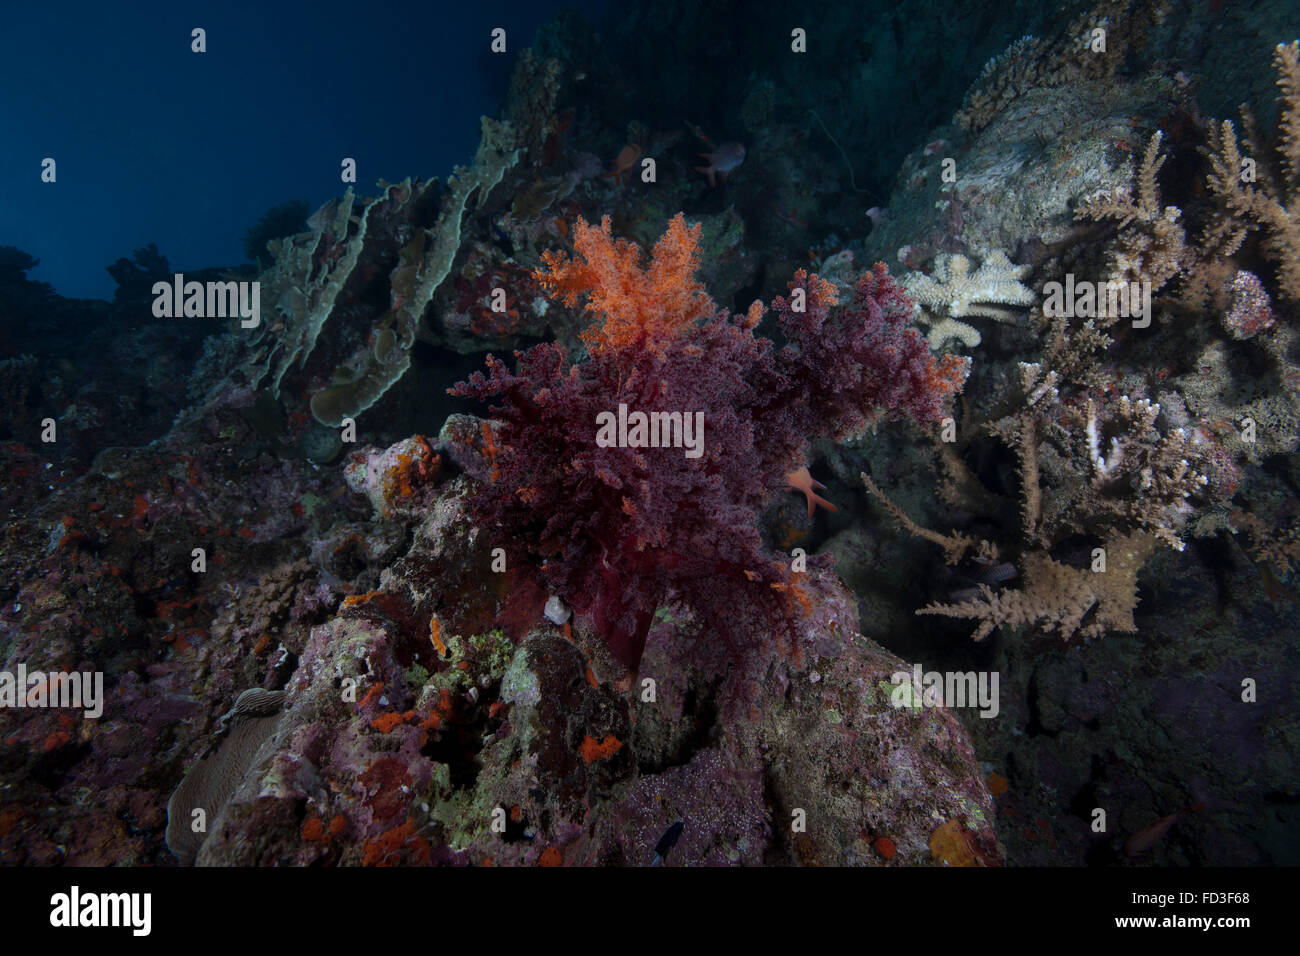 Soft coral reef fidjien de la santé. Photo Stock